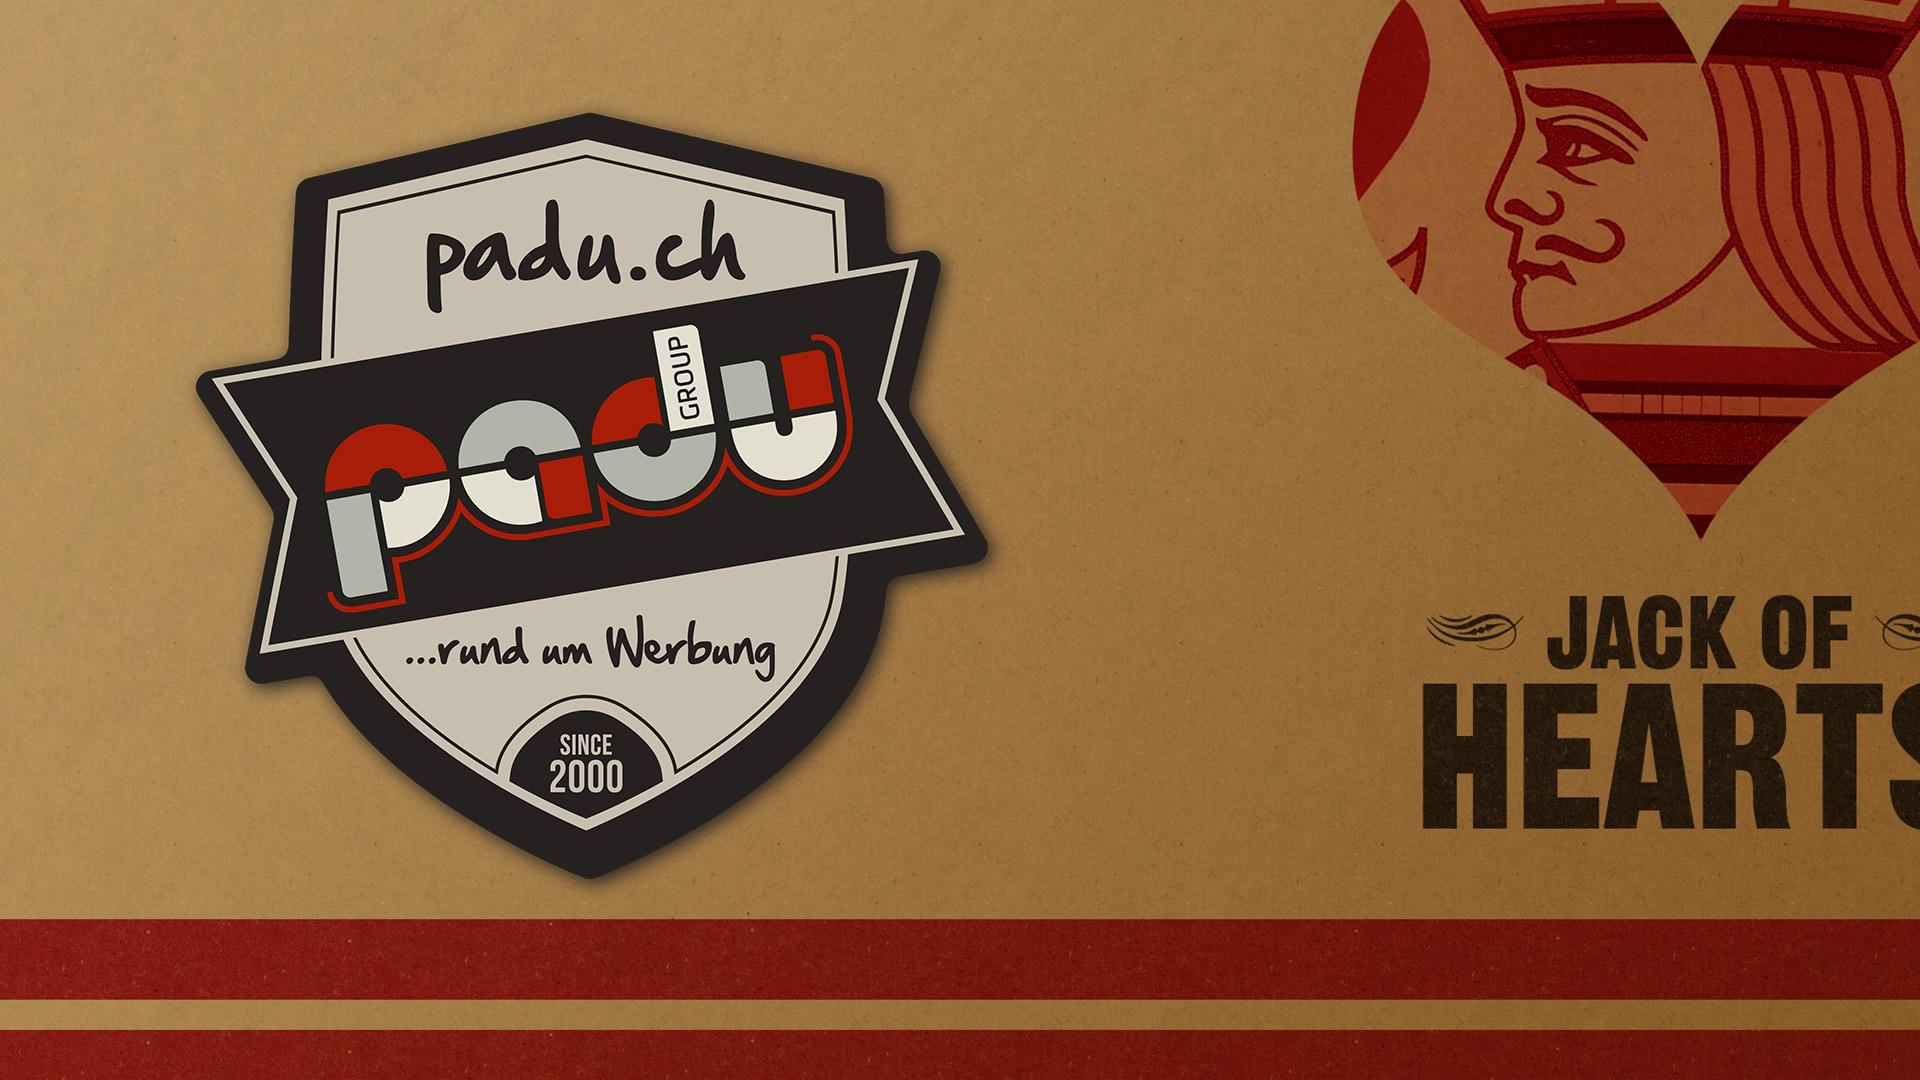 Padu Group